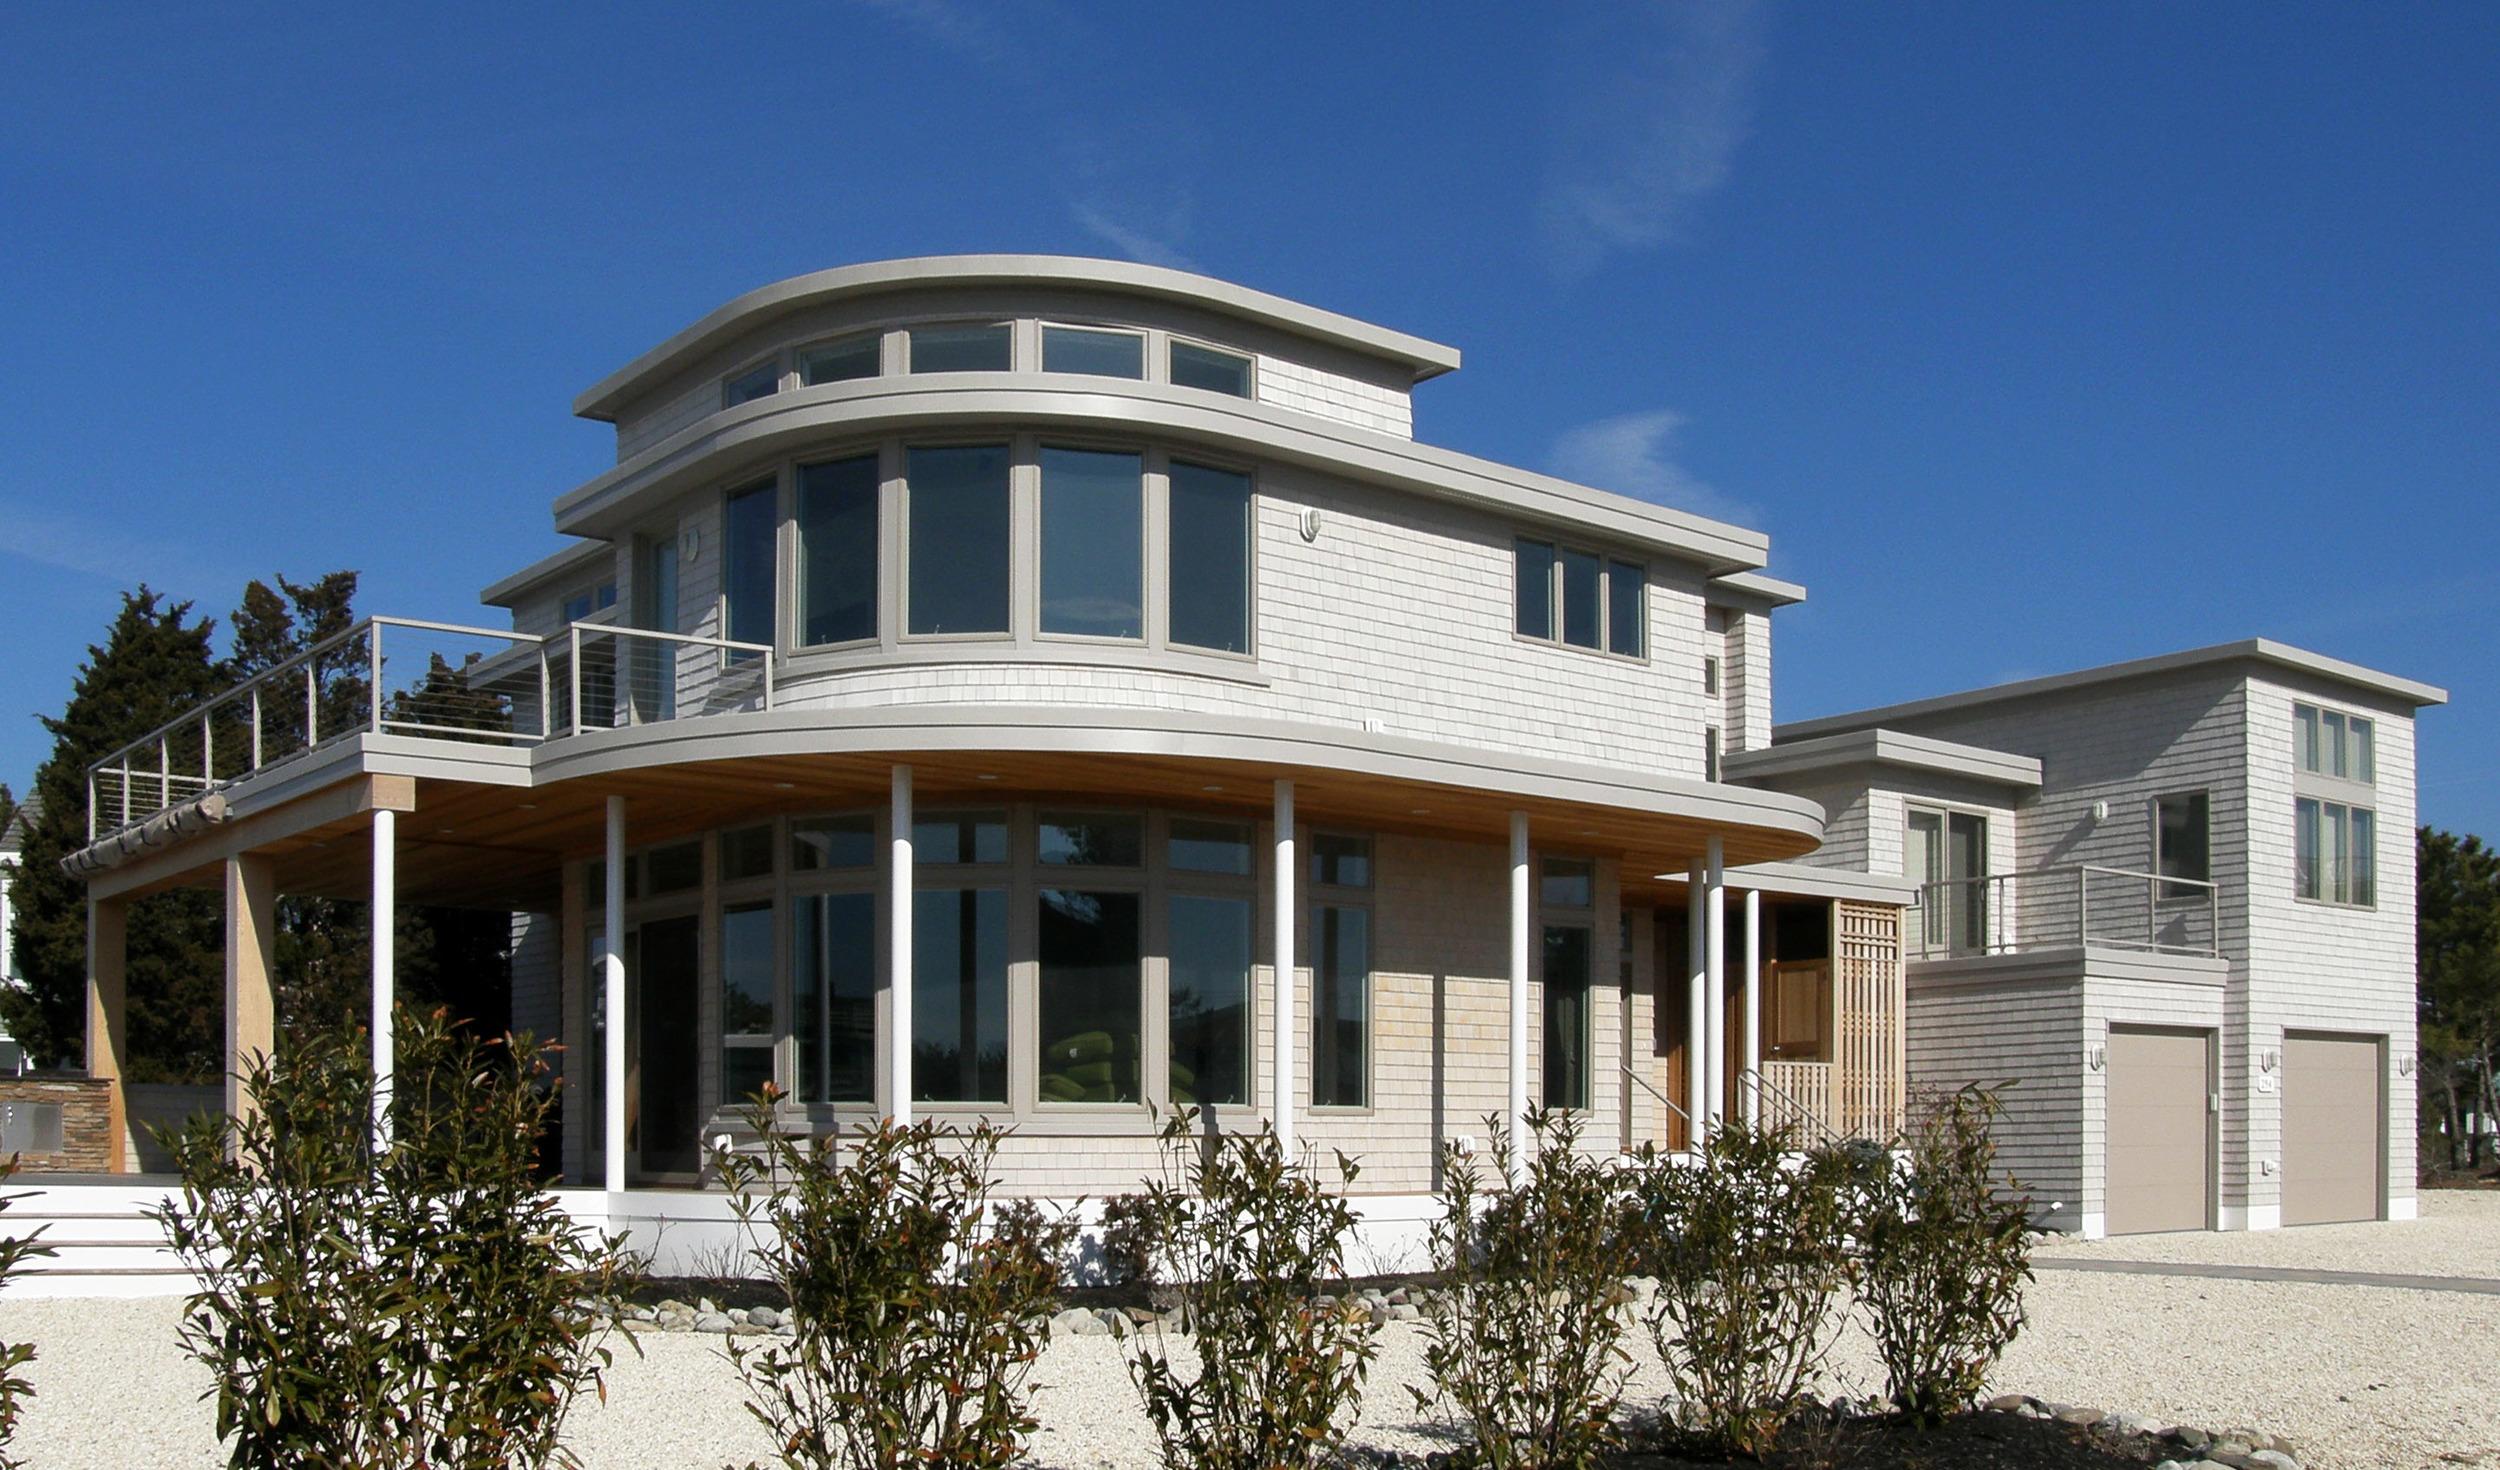 Hoffberg Residence (2012)